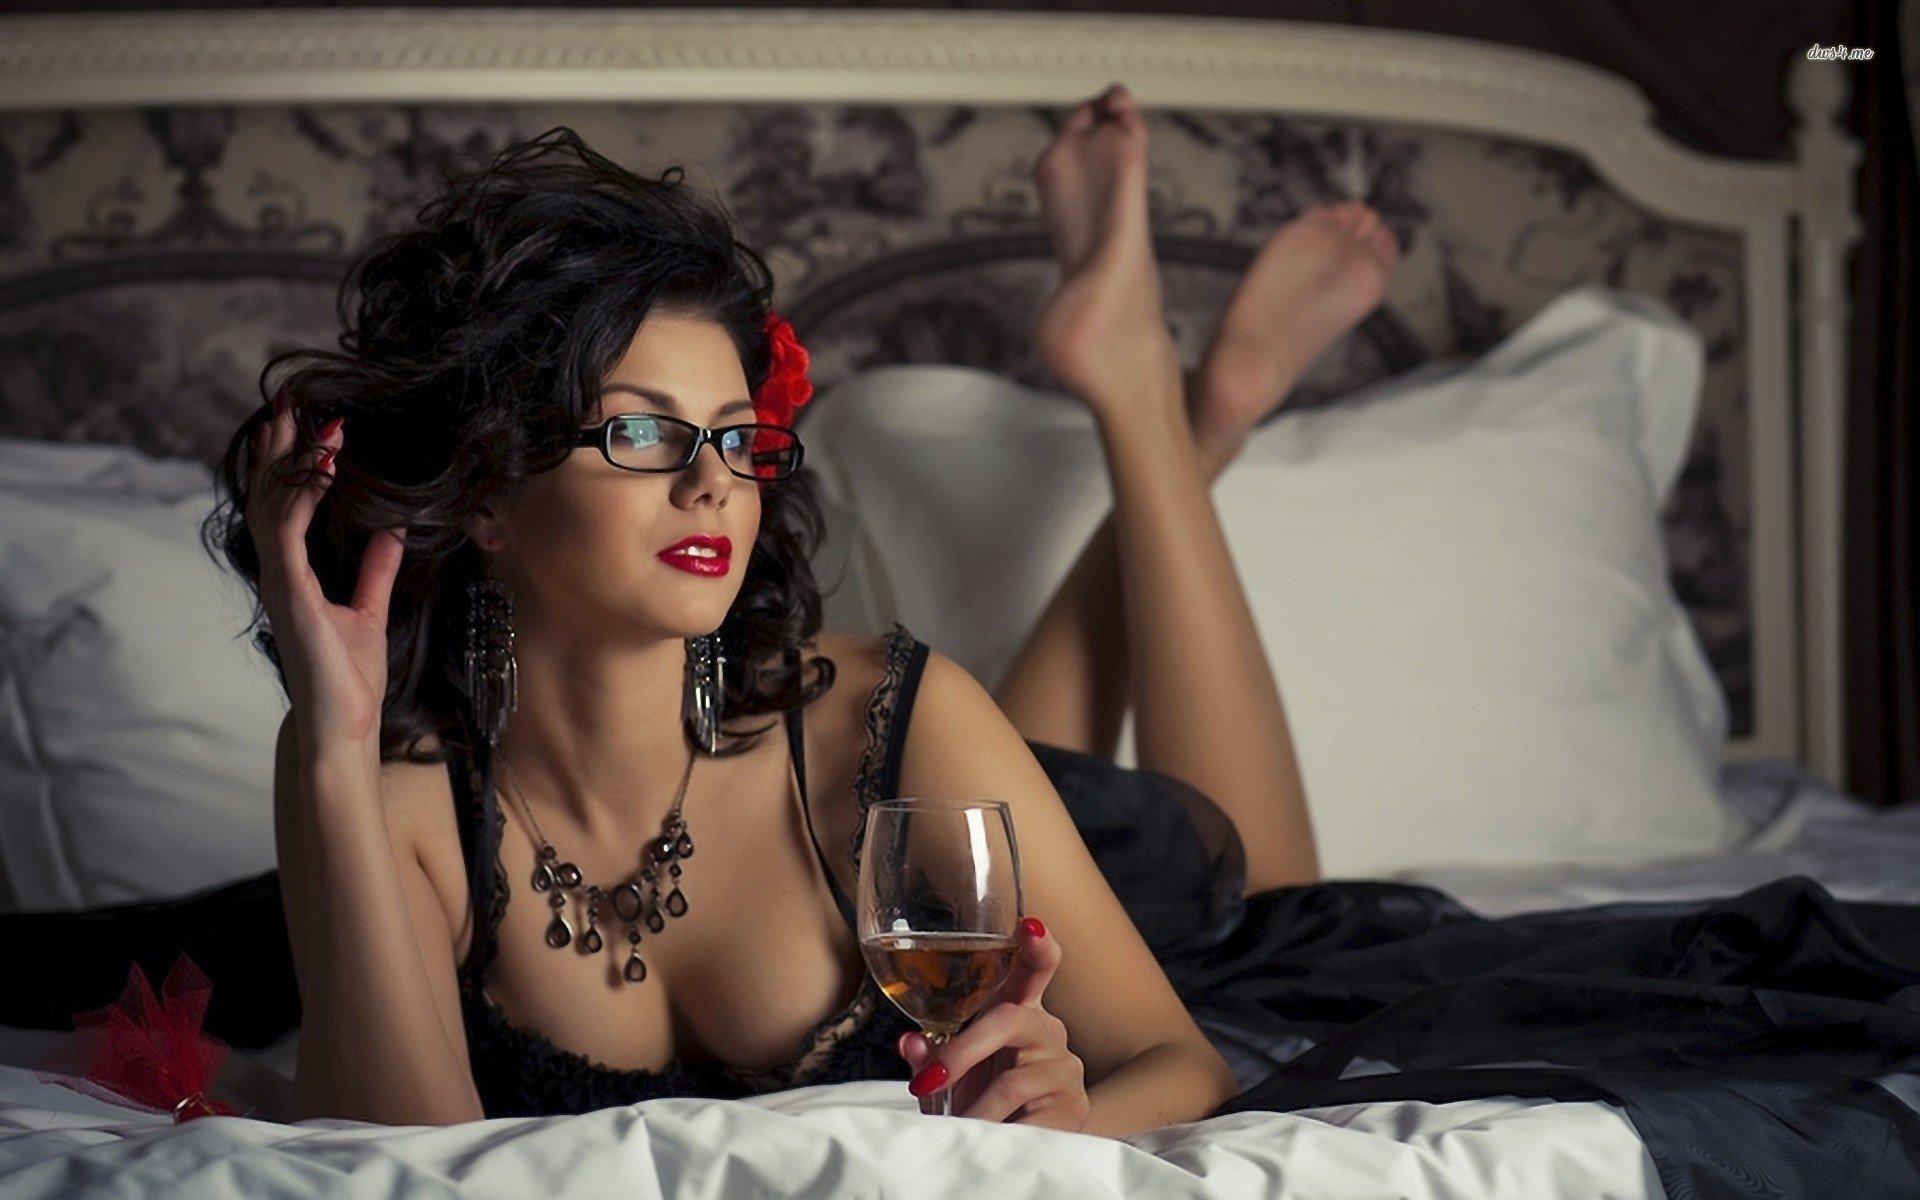 Секс замужних женщин фото, Замужние дамы удовлетворяют любовников порно фото 16 фотография